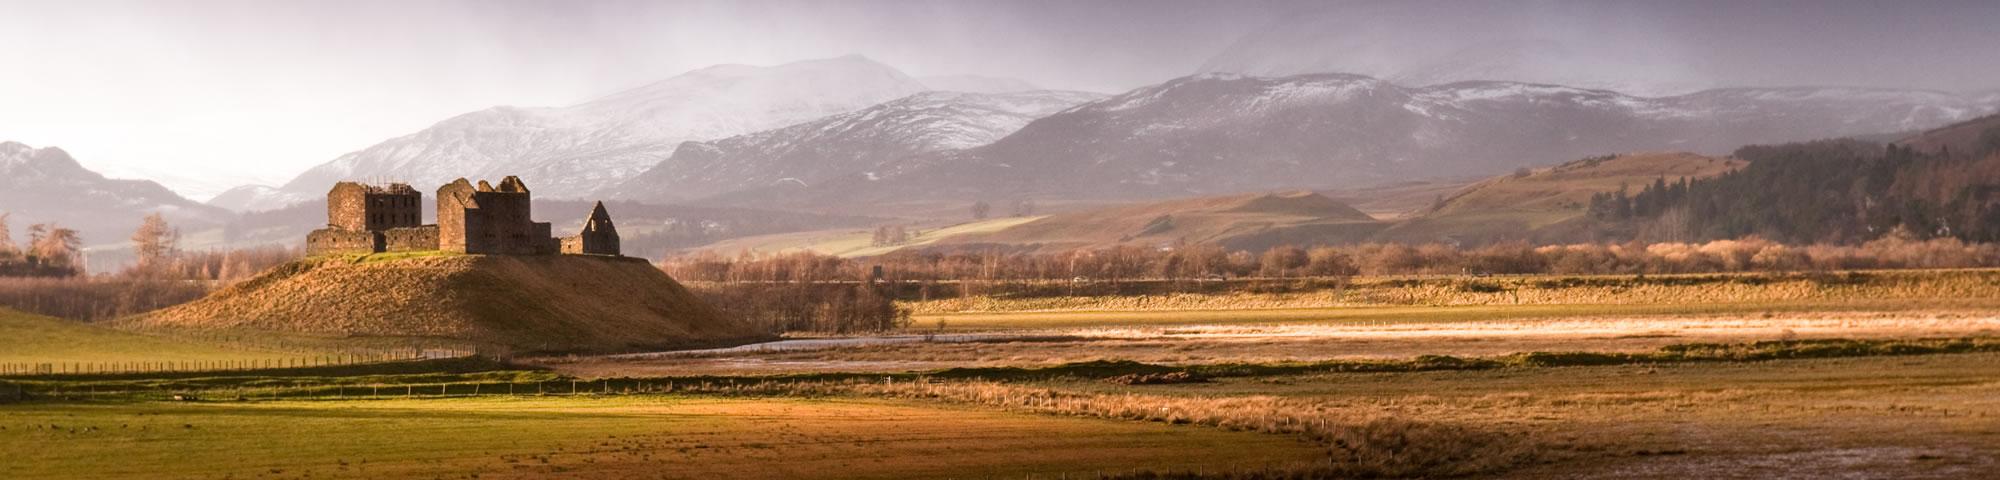 Strathspey in Scottish Highlands